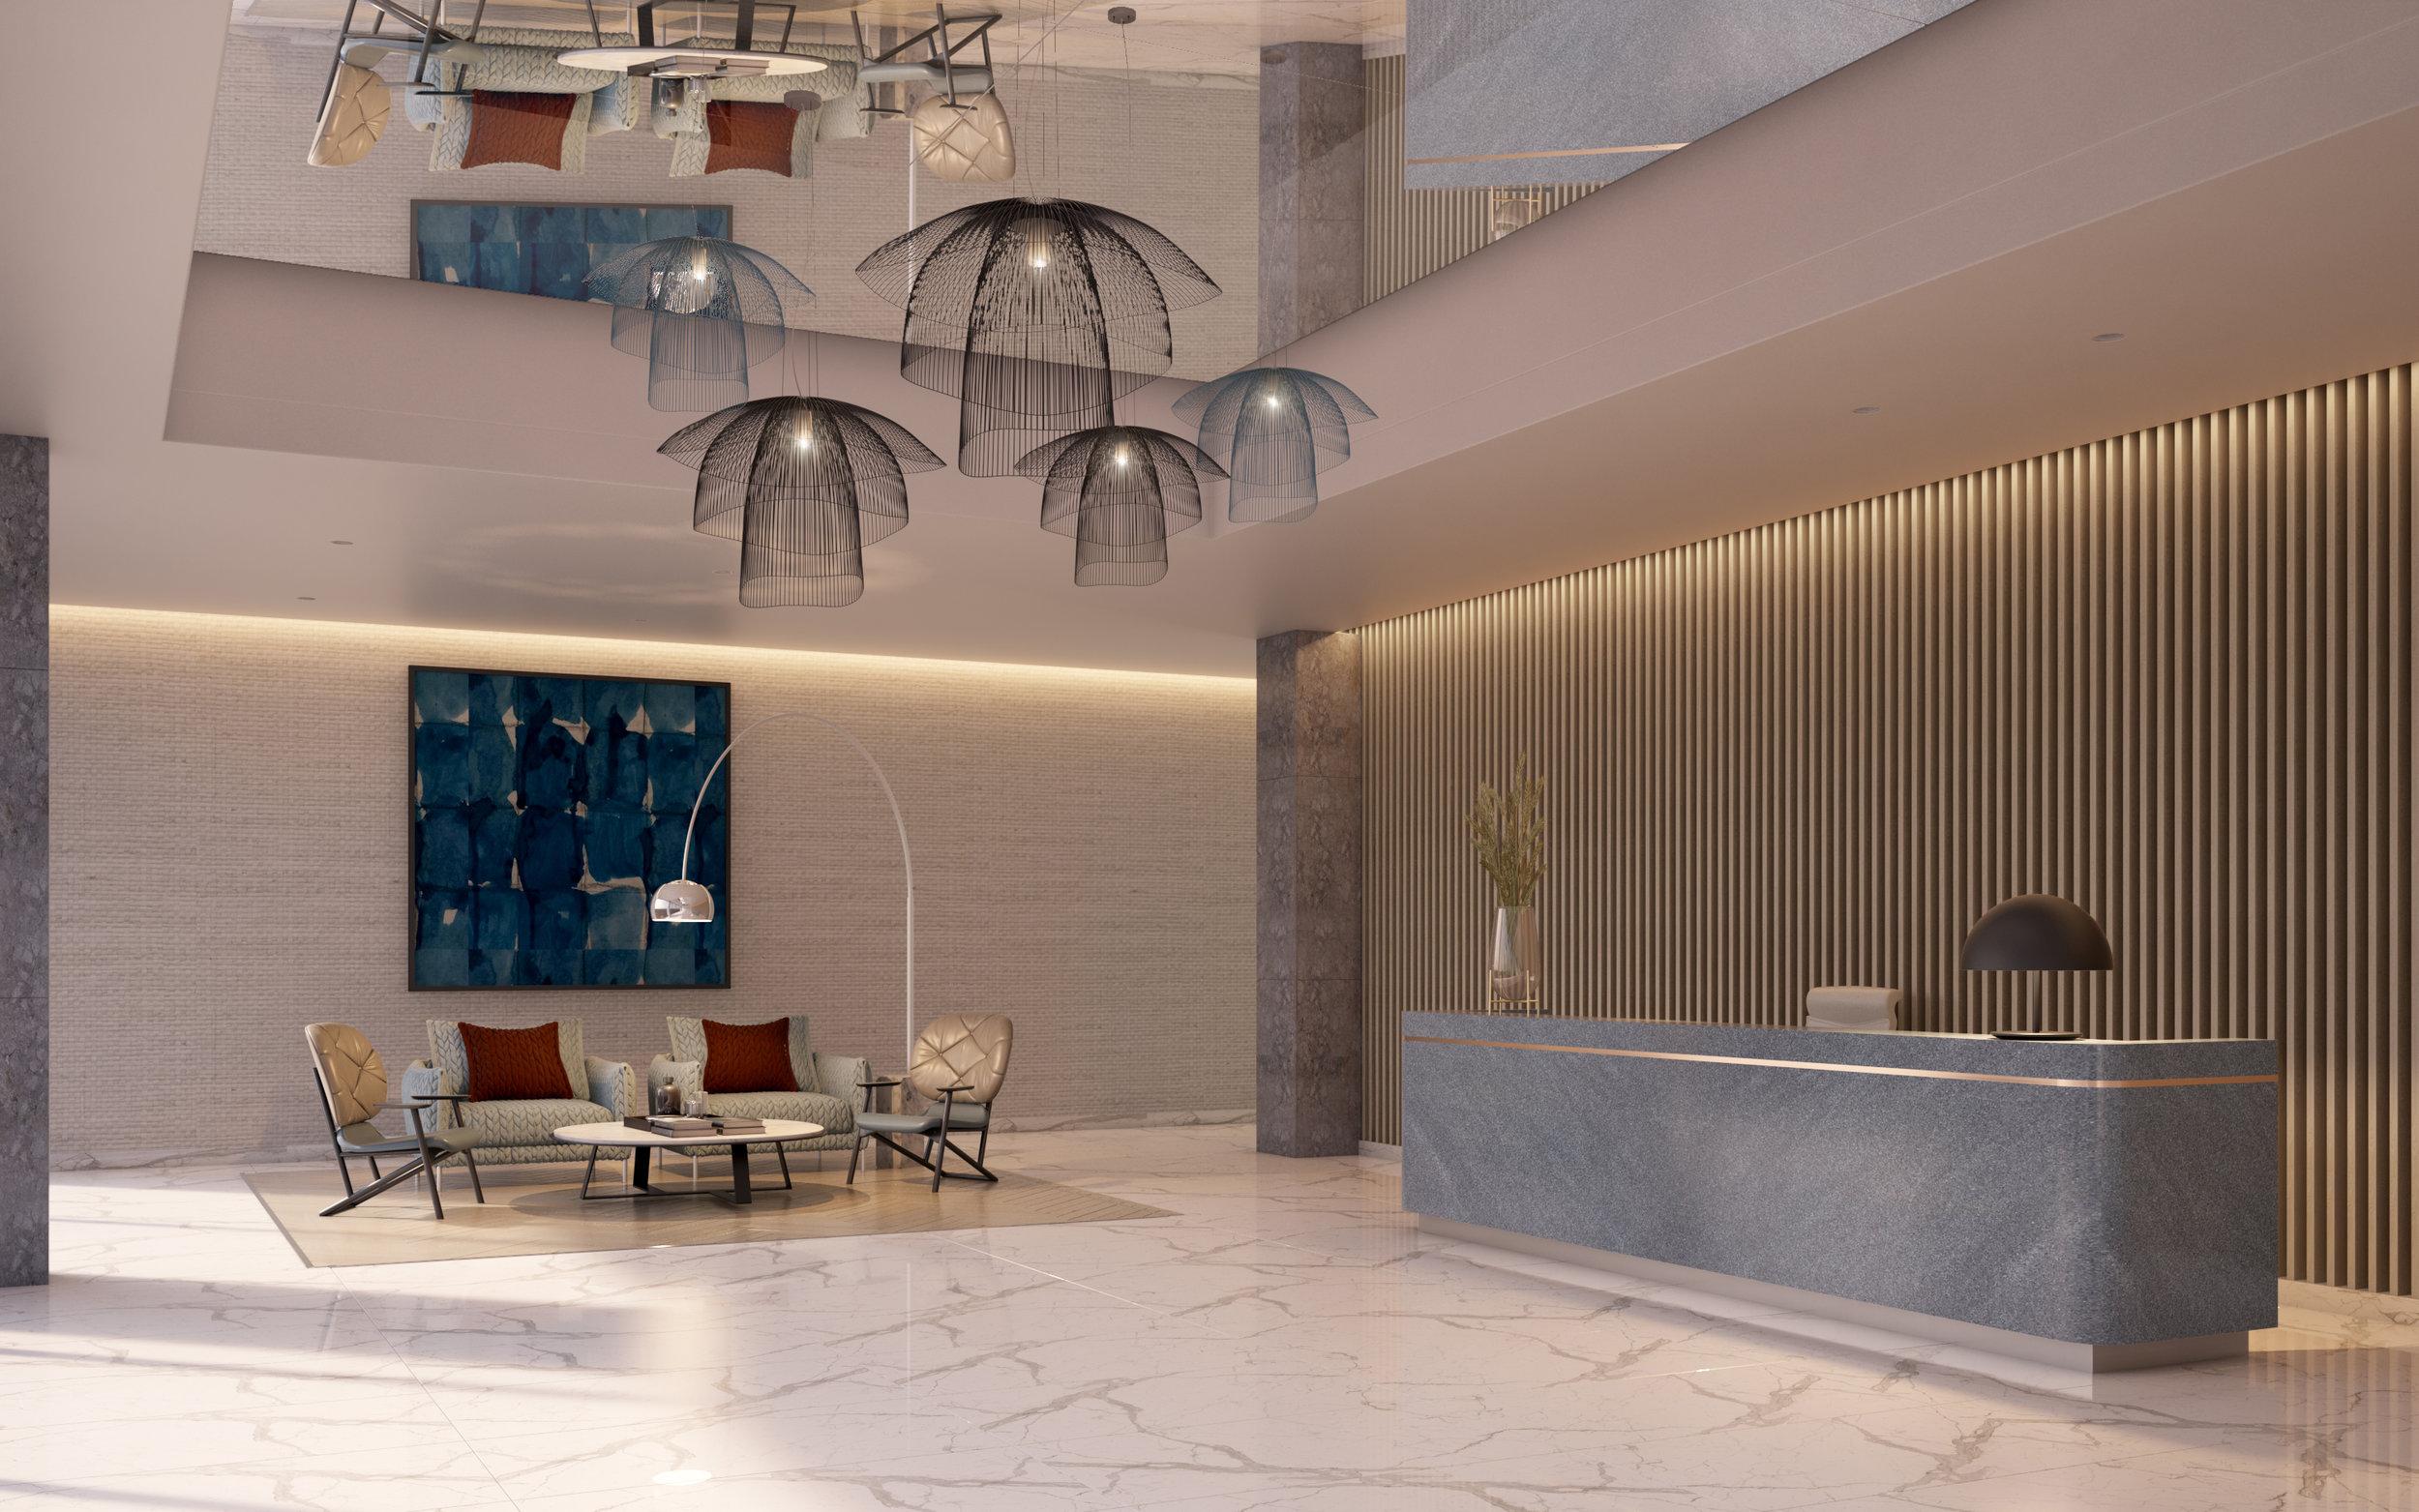 Building 1: Entrance Lobby